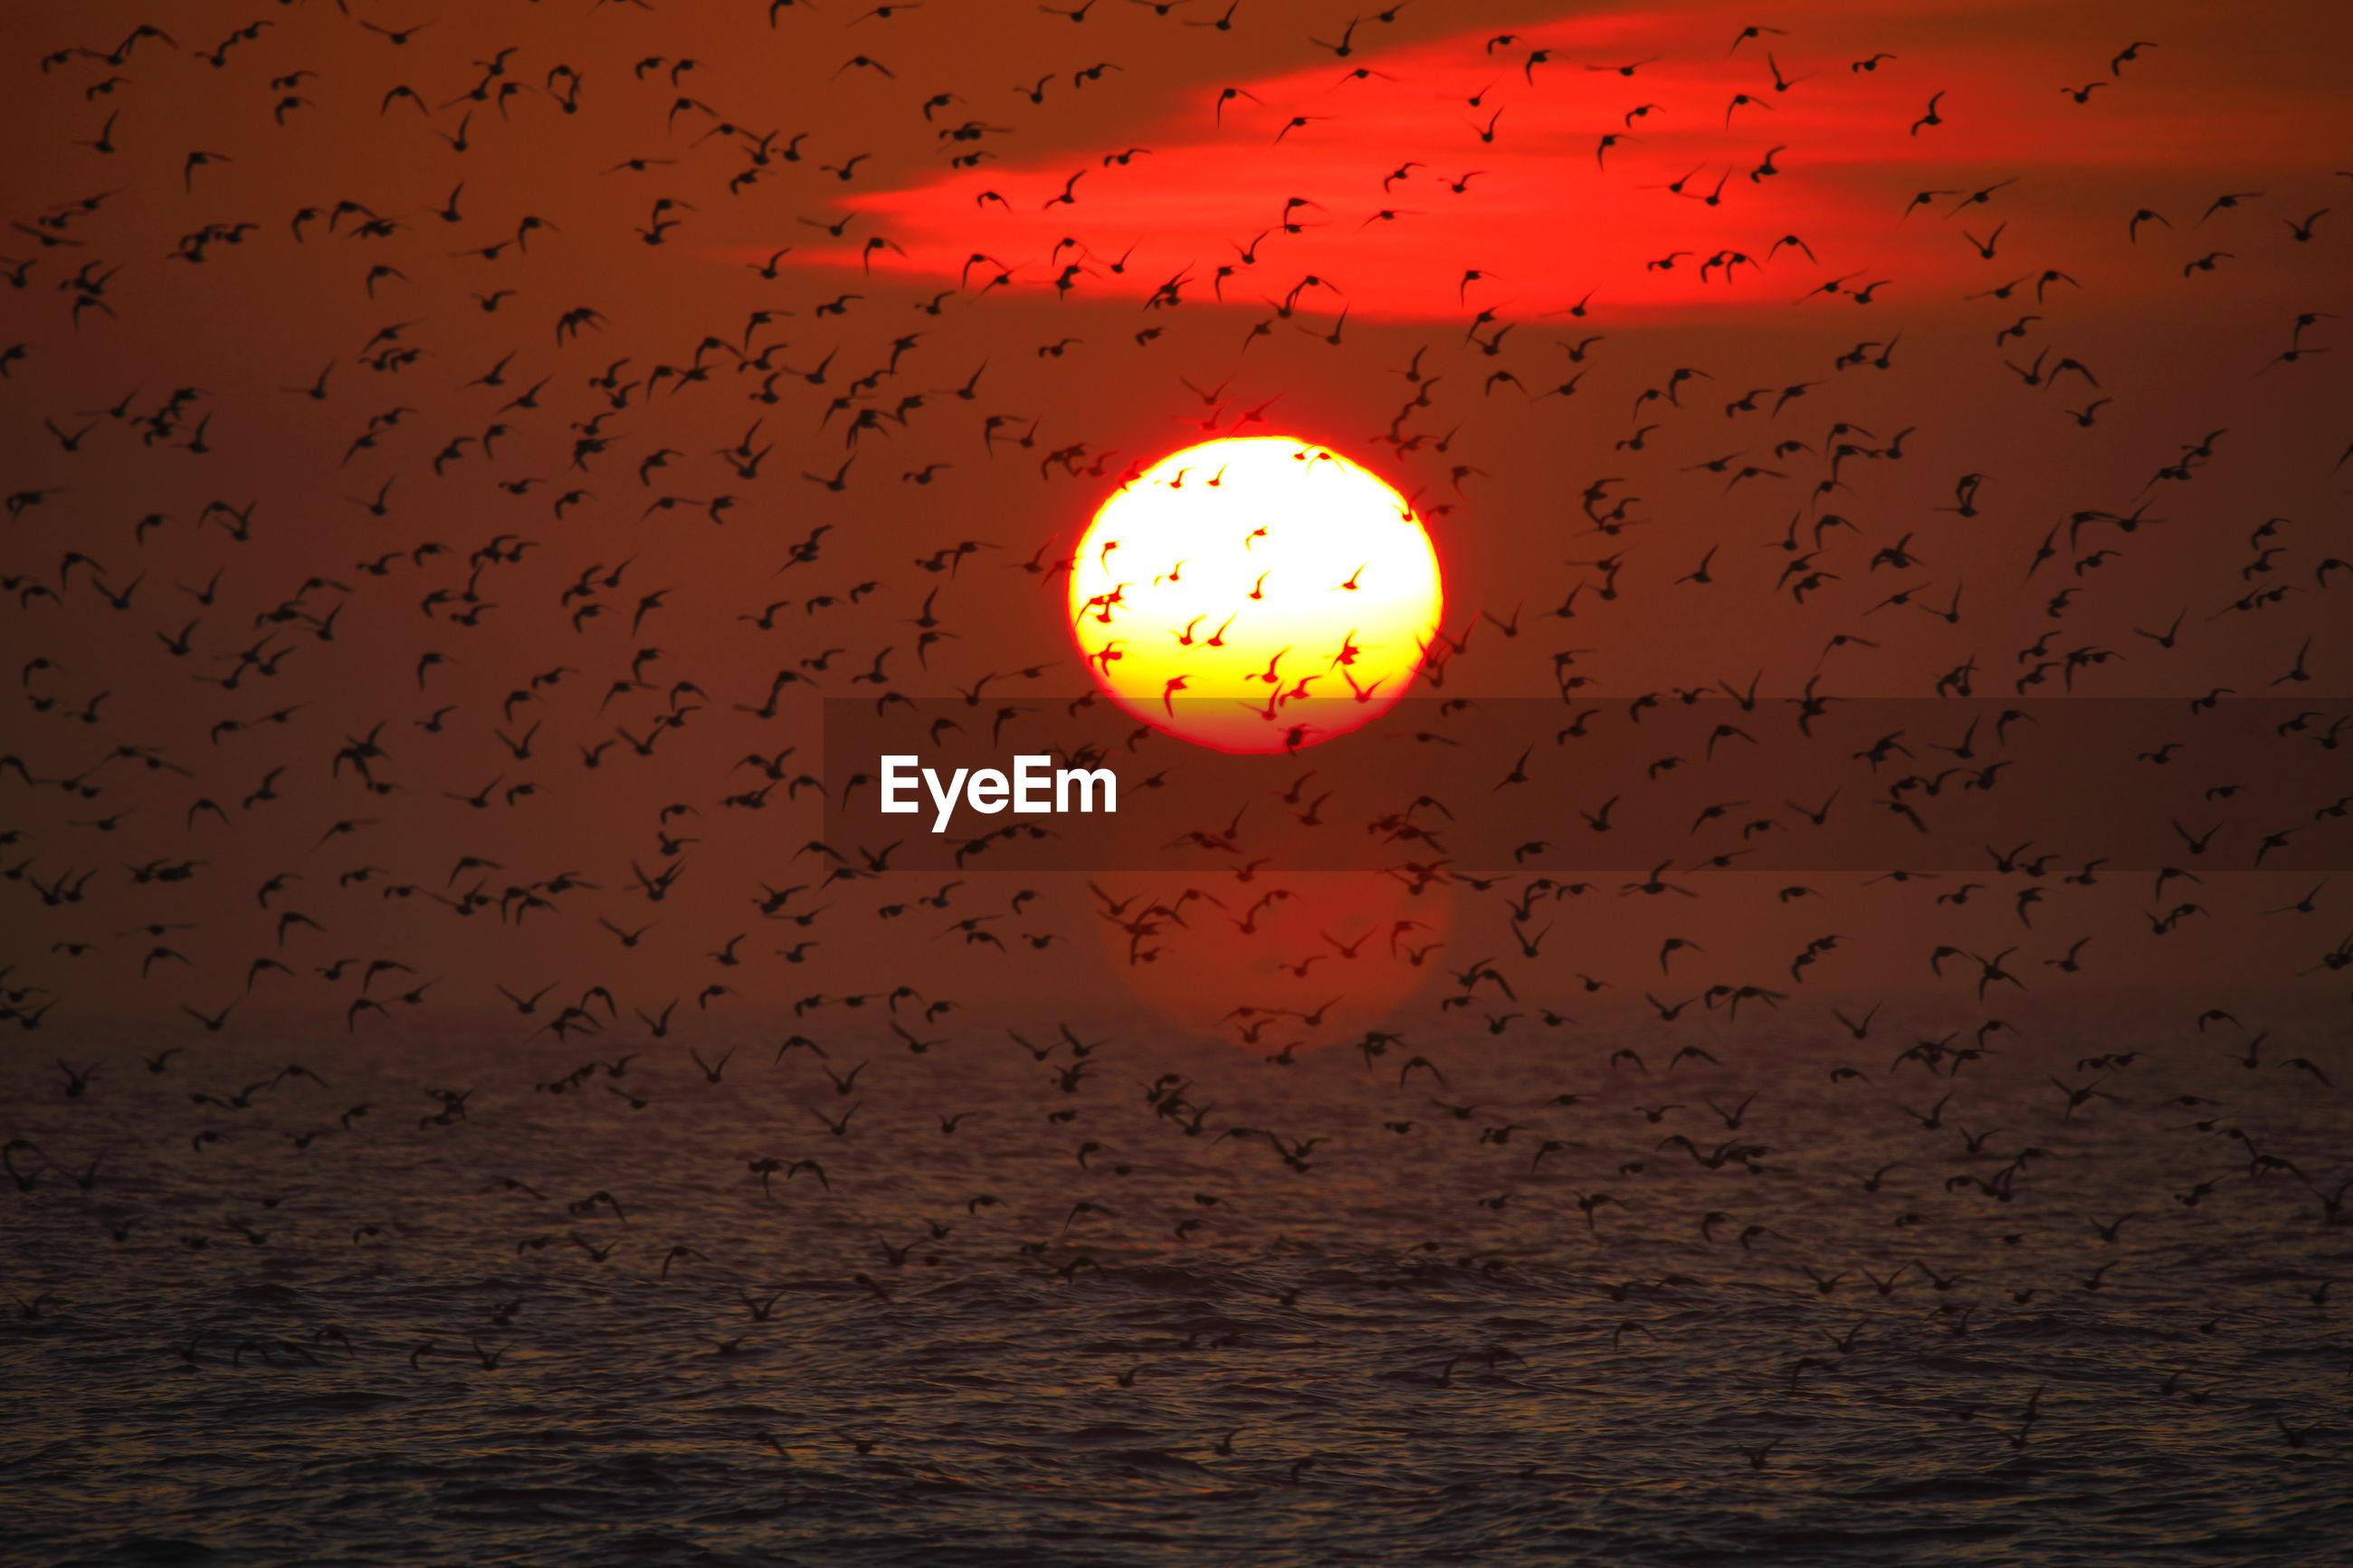 Flock of birds flying against orange sky